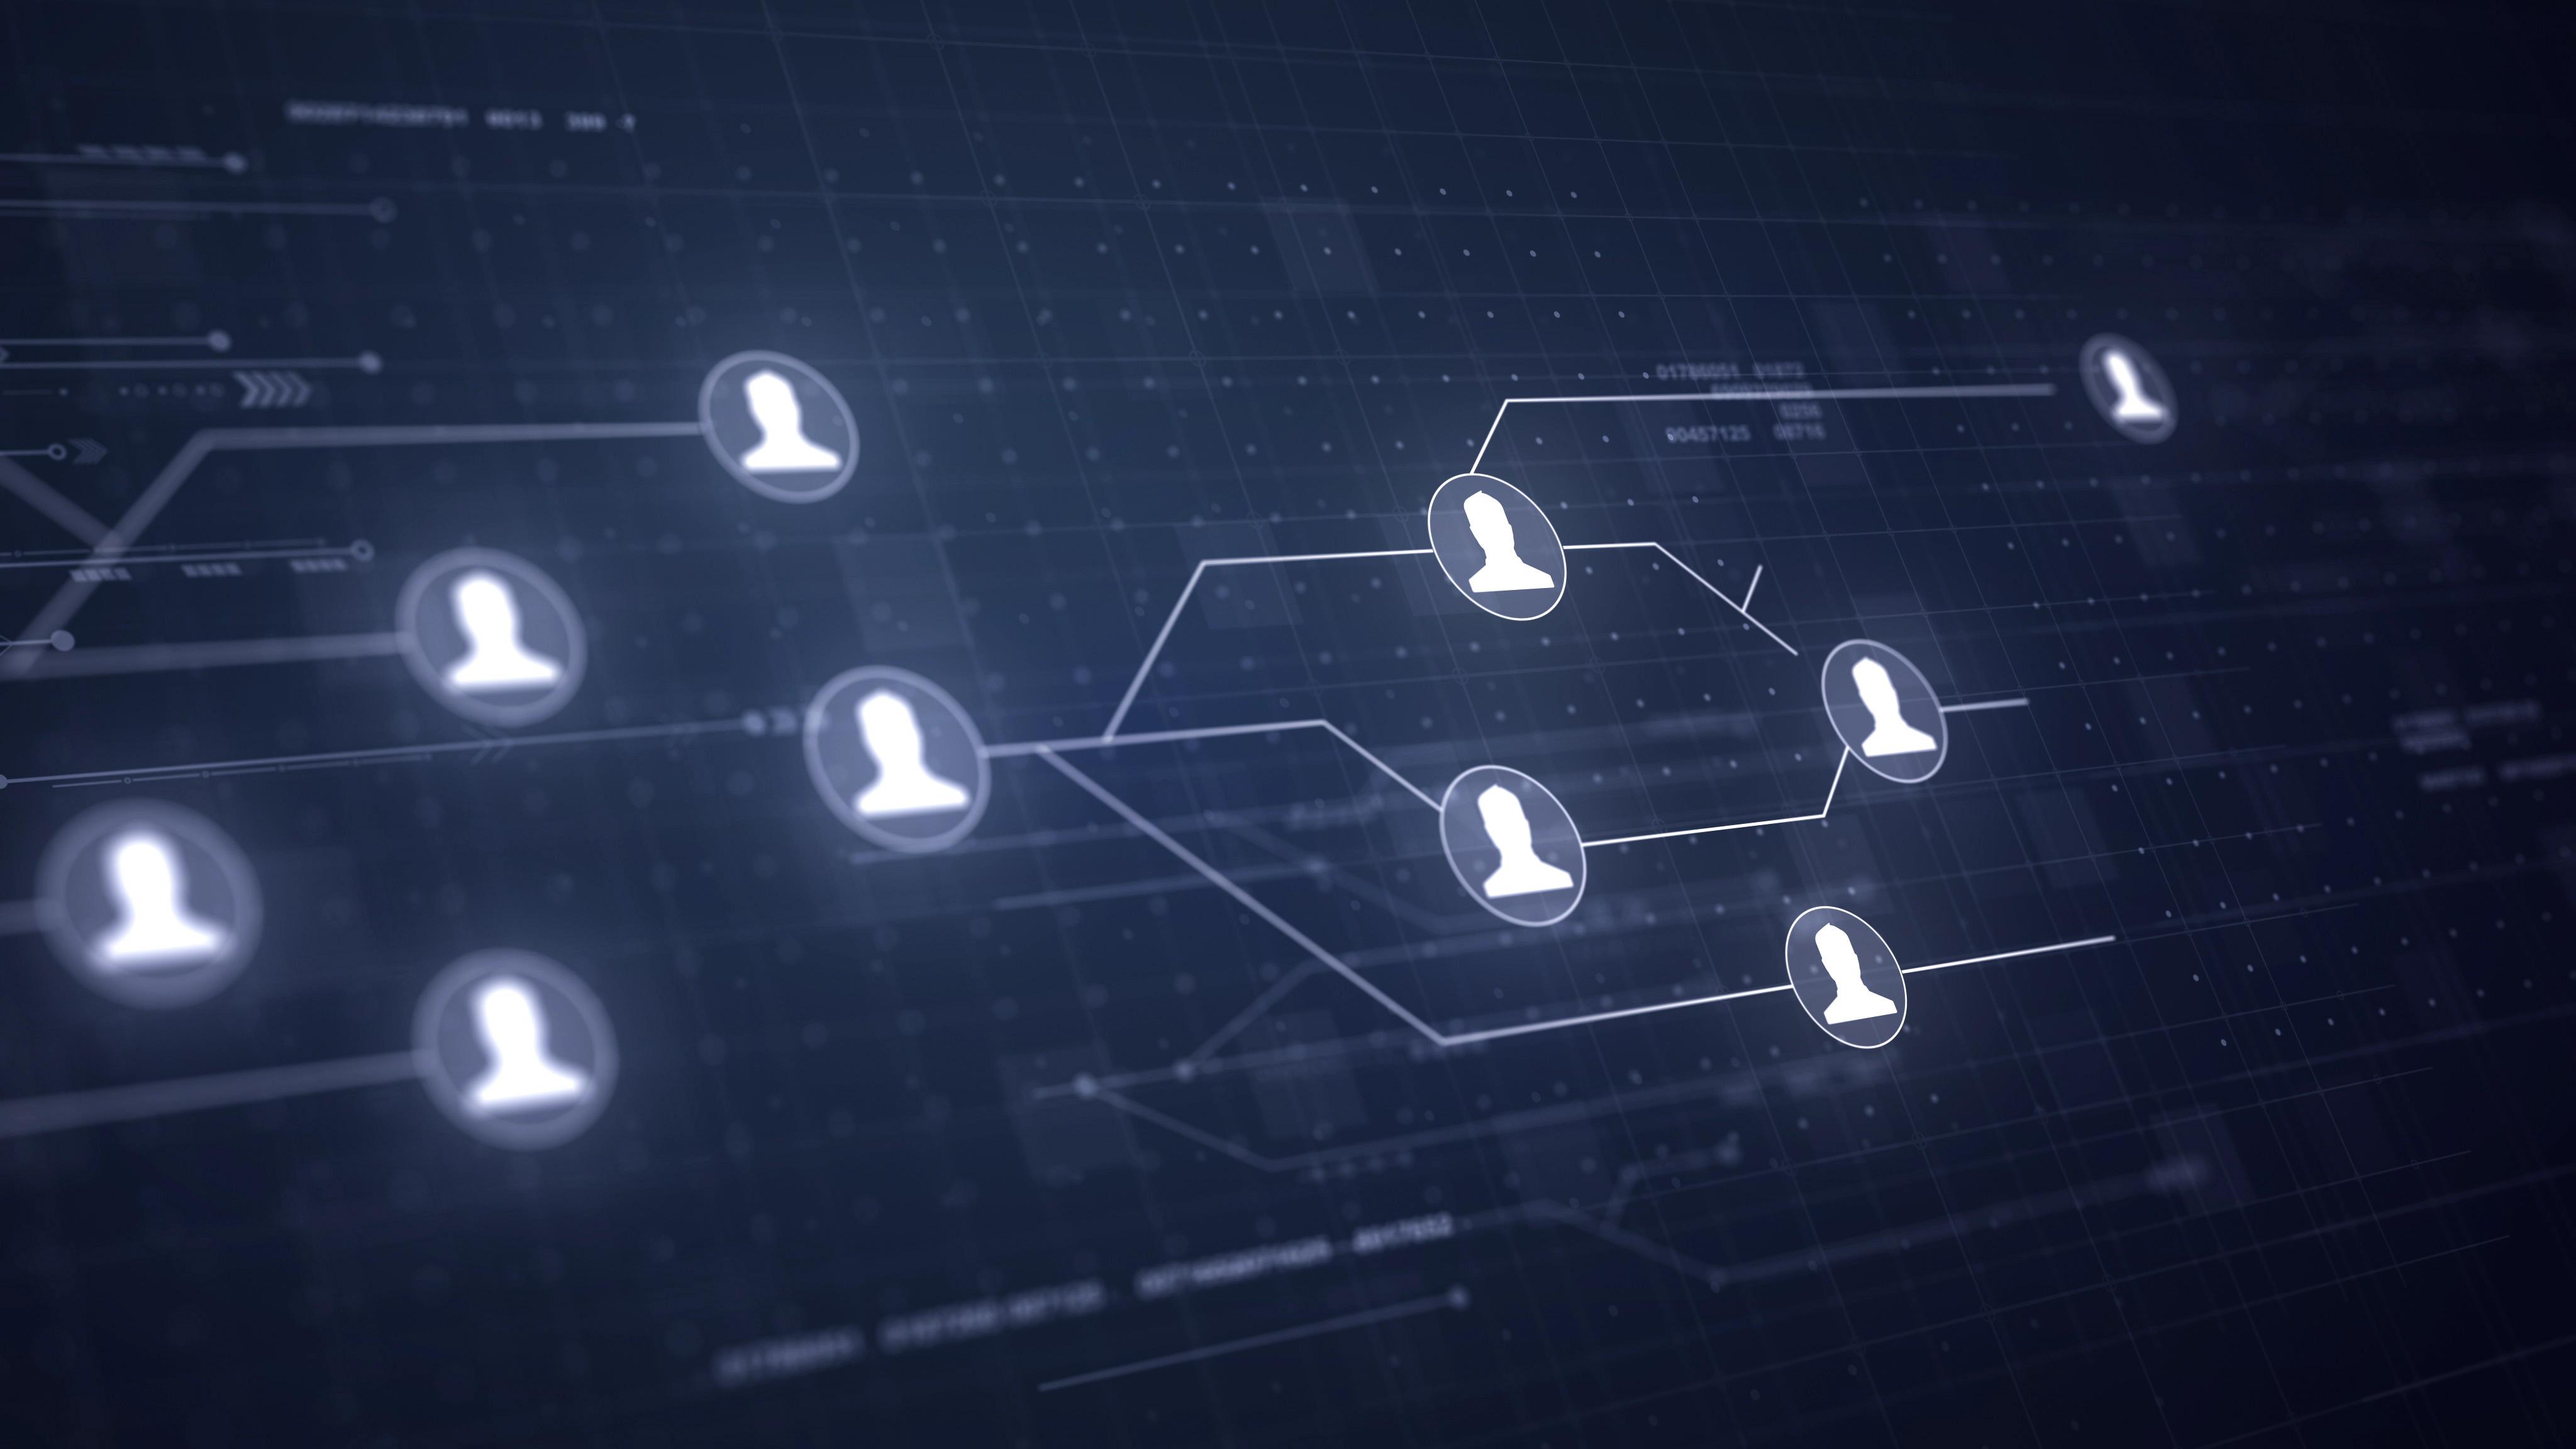 Gamma Ingenieros concientiza empresas sobre buenas prácticas en ciberseguridad | EL FRENTE